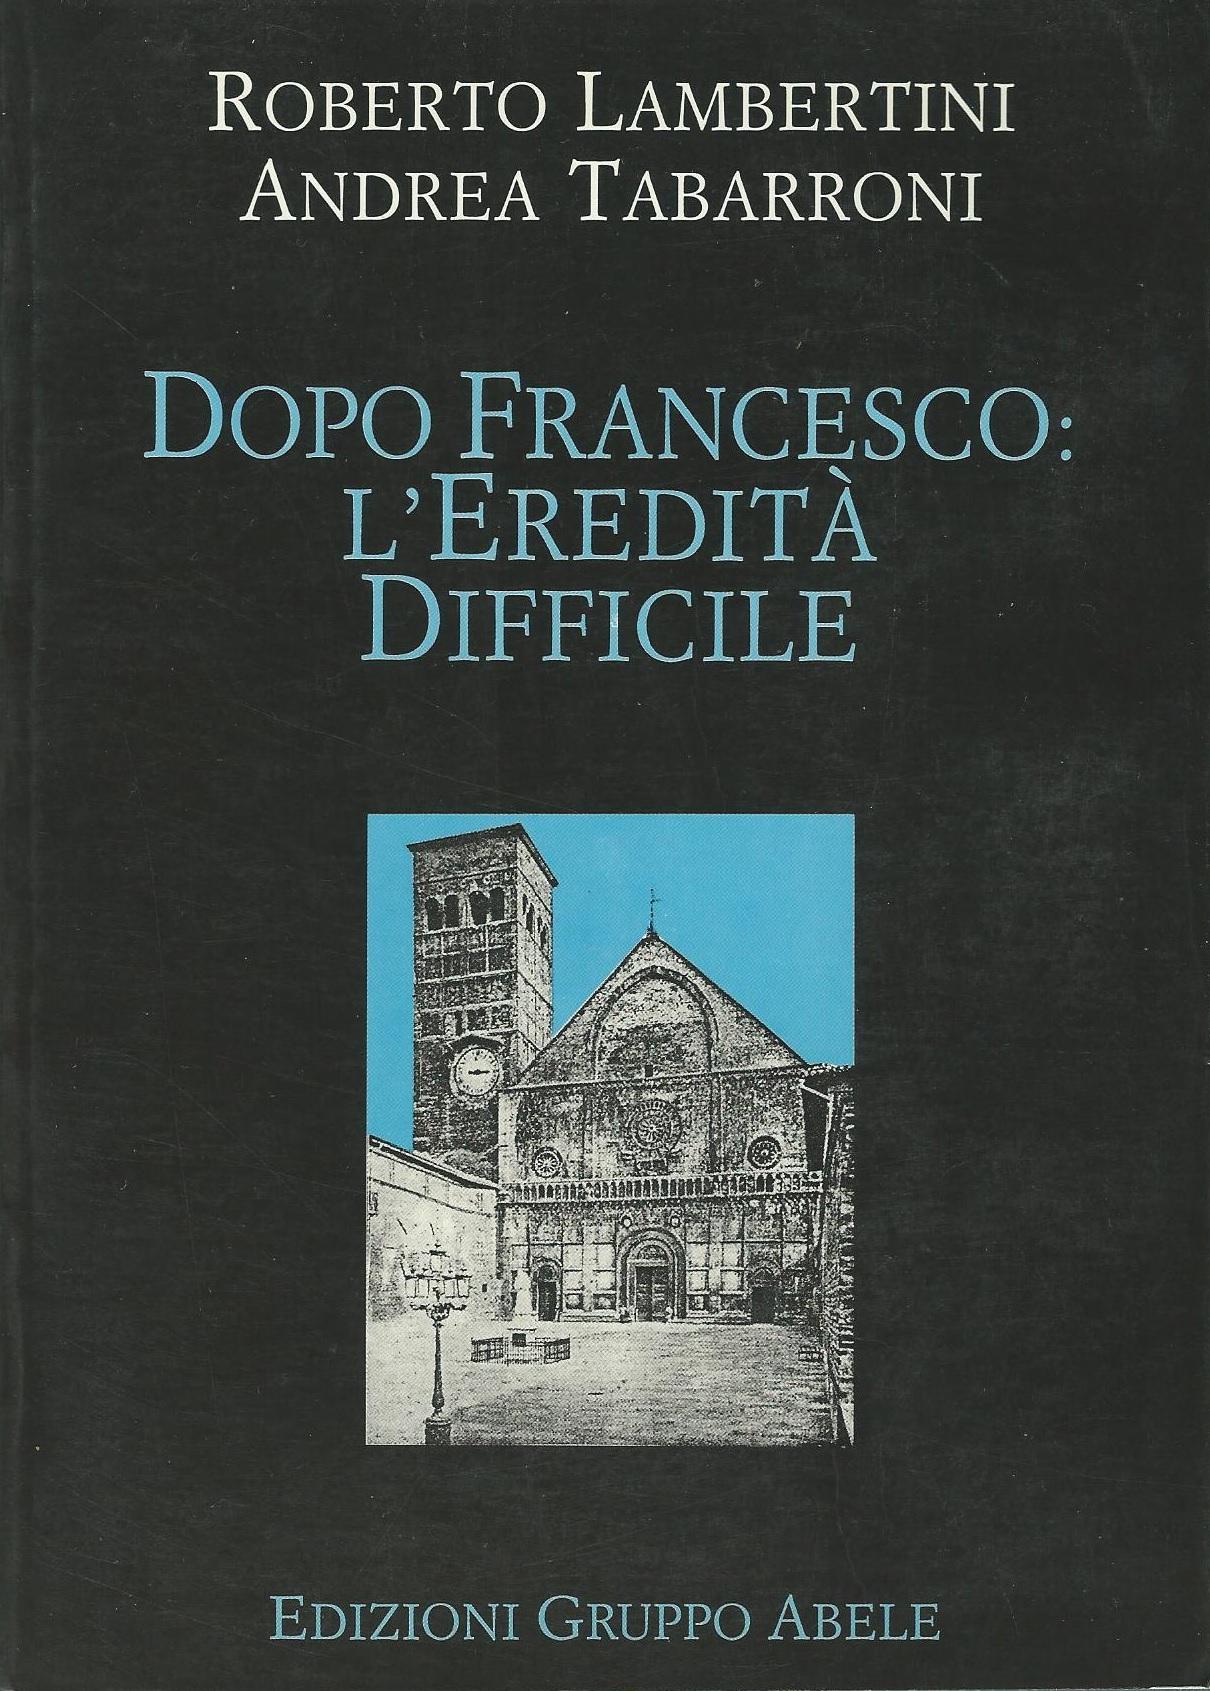 Dopo Francesco: l'eredità difficile